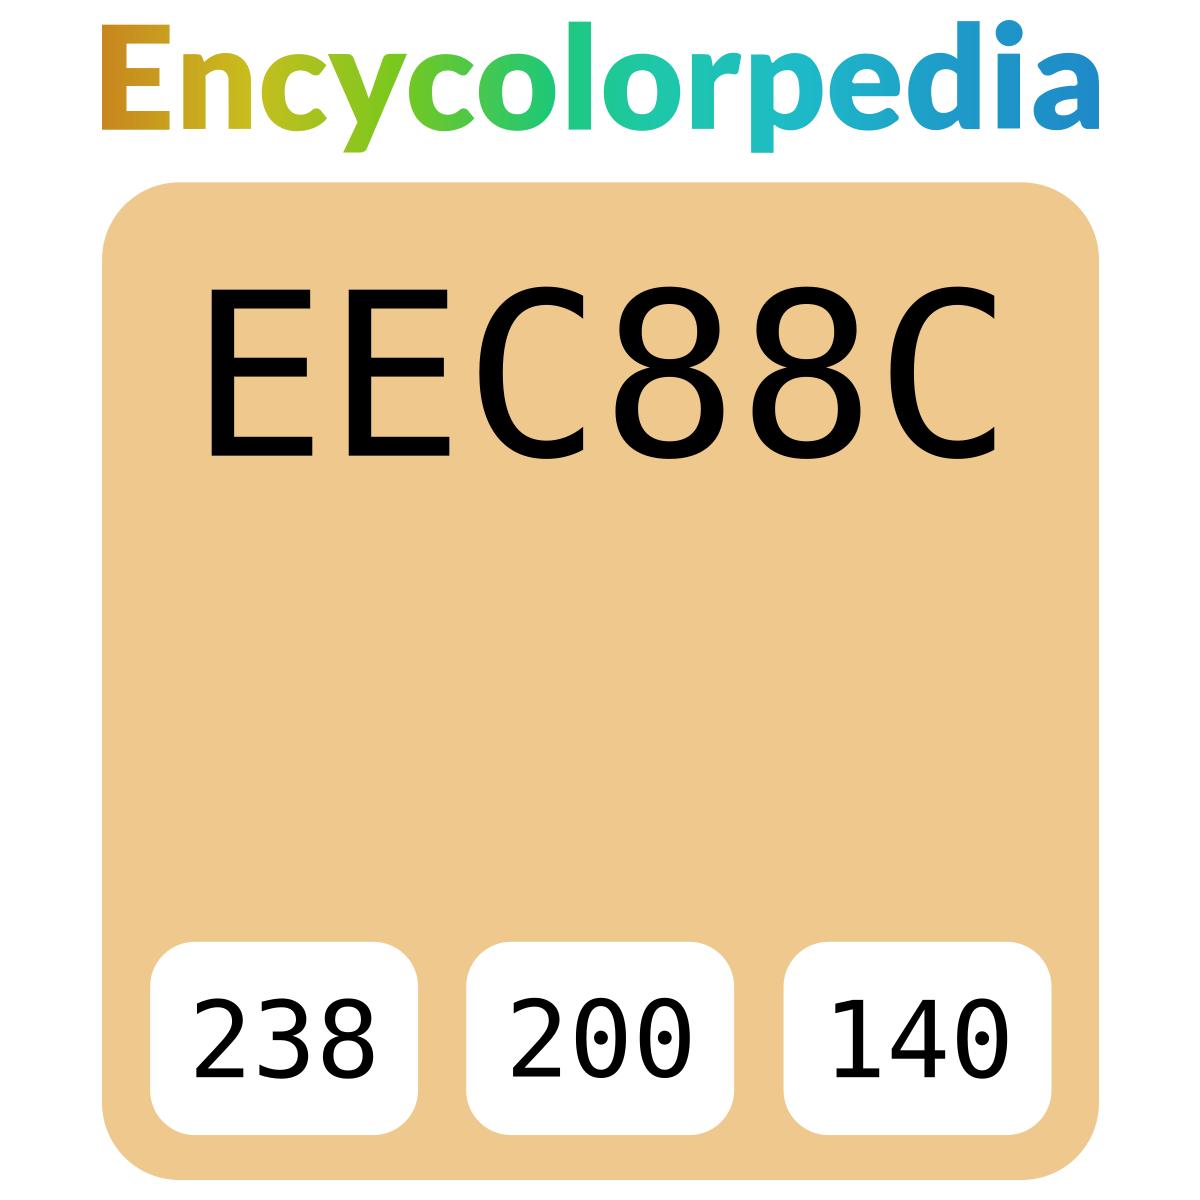 Jotun 1156 Kronblad Eec88c أكواد الألوان الست عشرية المخططات والرسوم البيانية ونطاقات الألوان والطلاءات مع التحويل إلى Rgb أو Cmyk أو Hsl